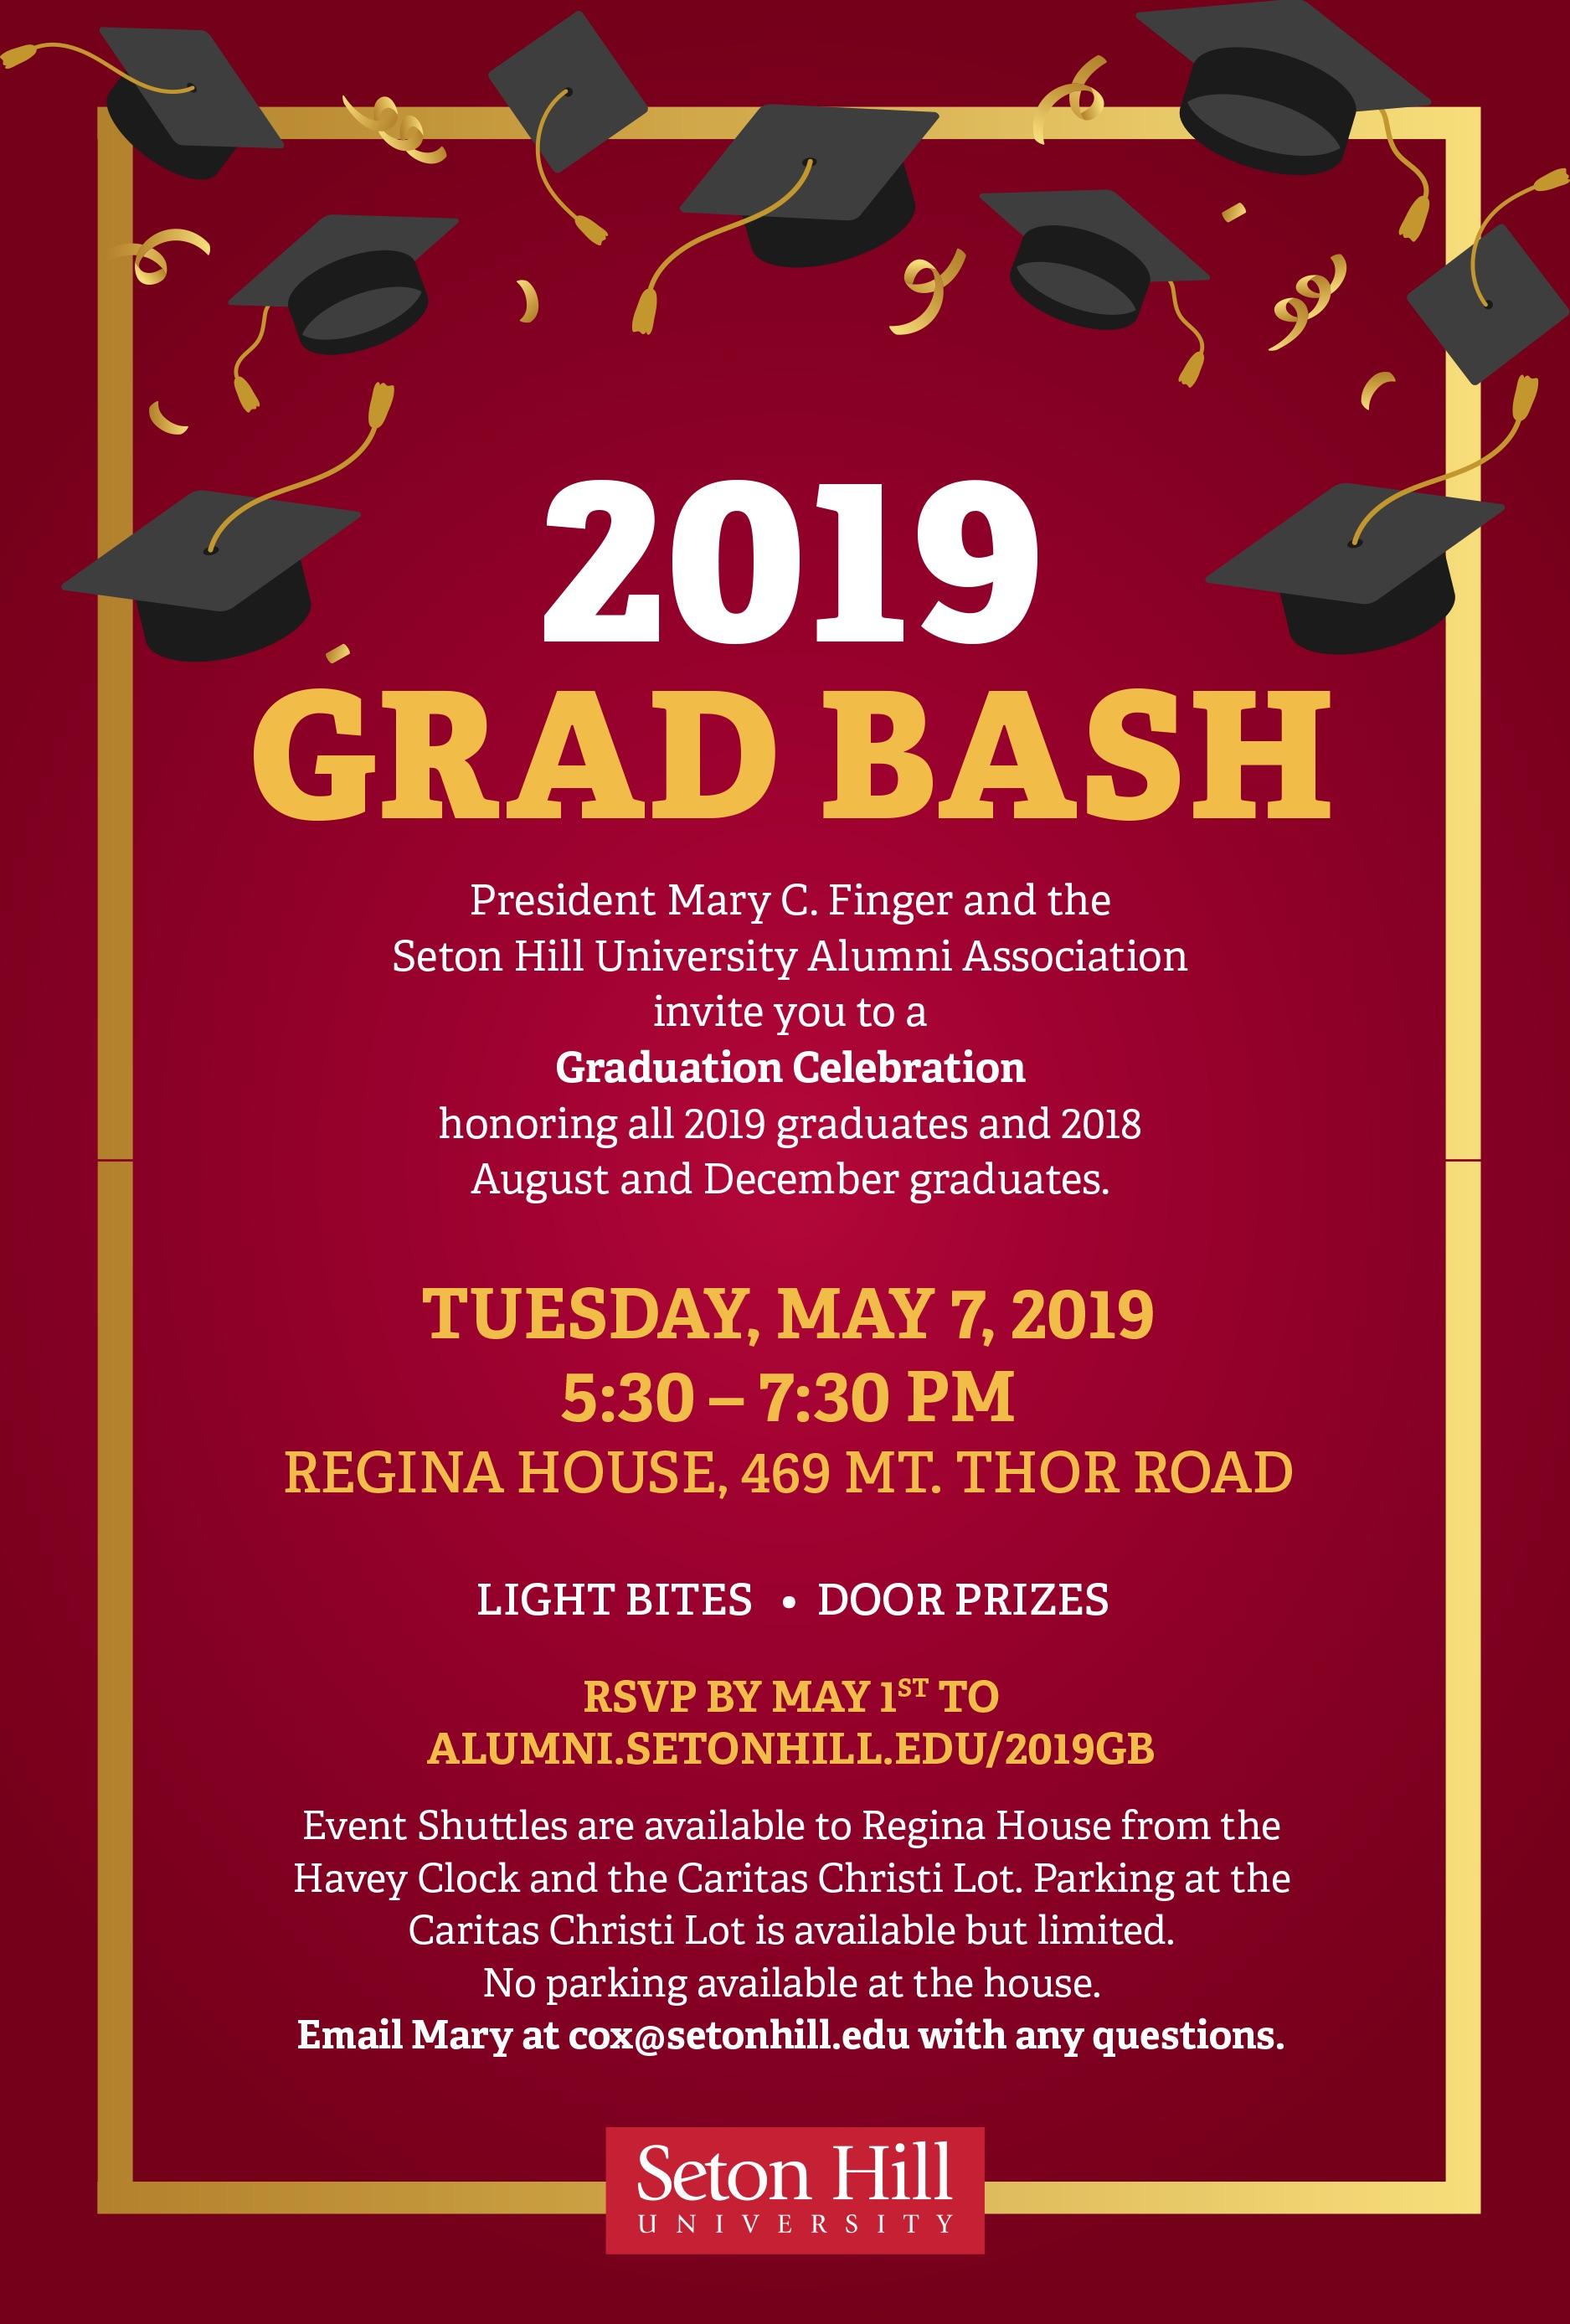 2019 Grad Bash - Seton Hill University